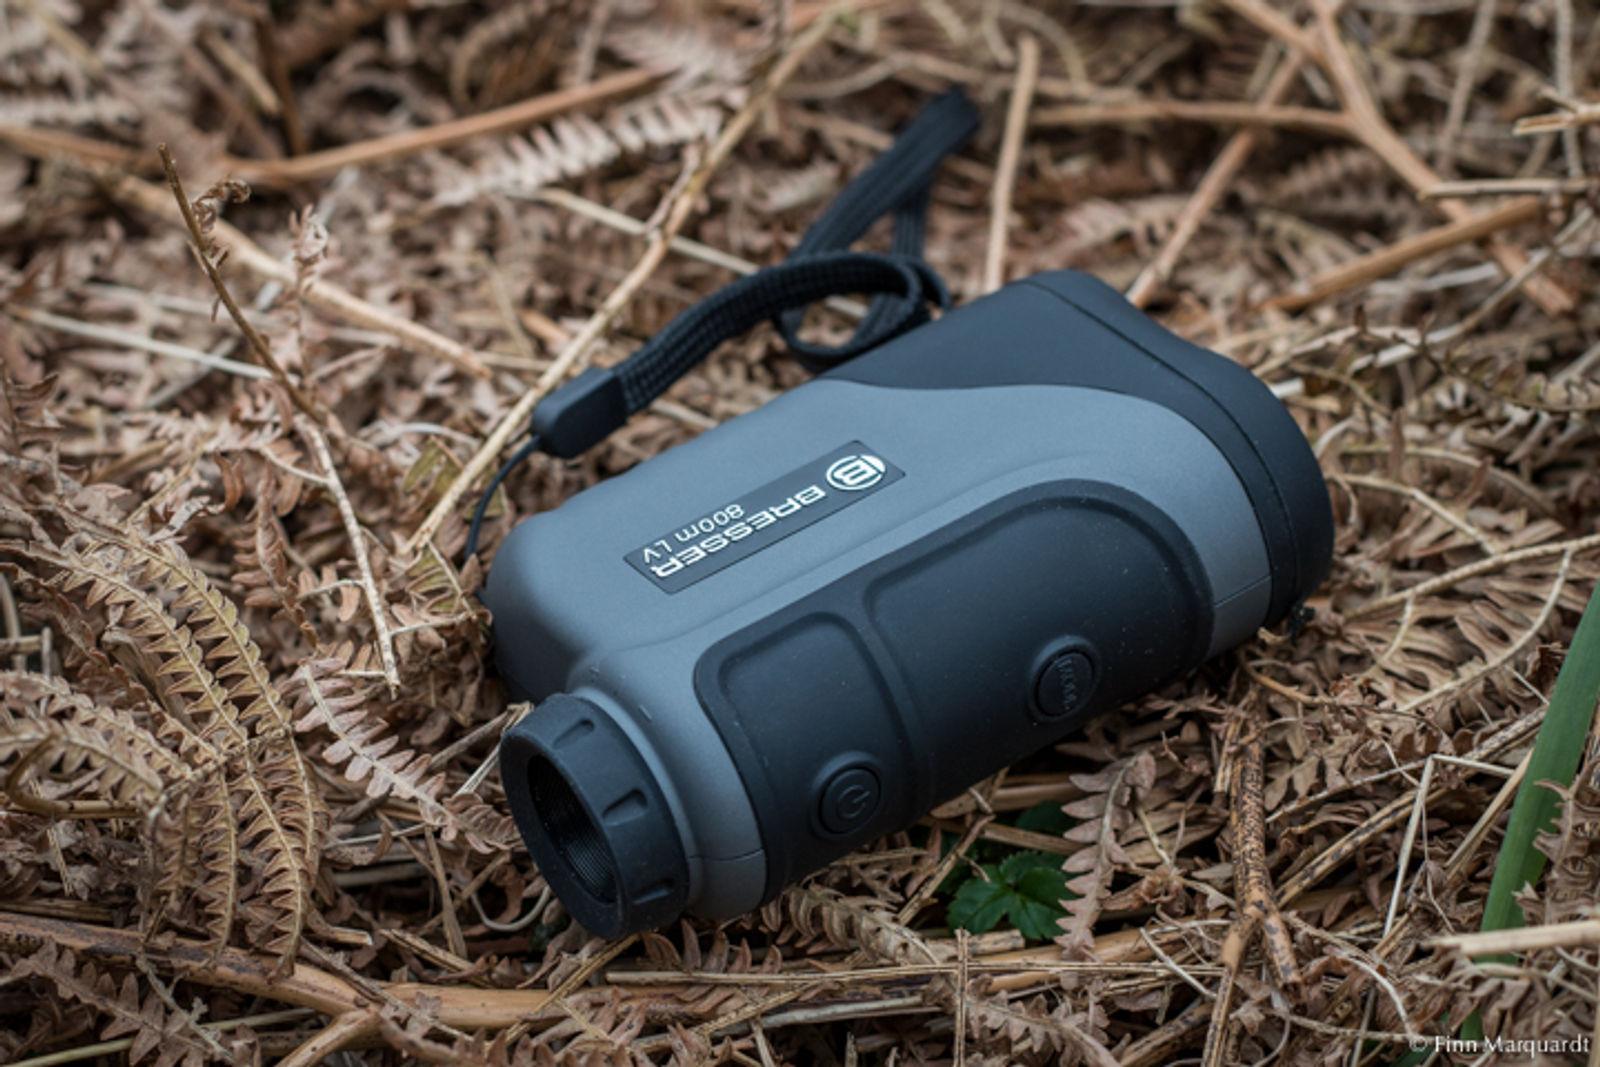 Entfernungsmesser Test Jagd : Entfernungsmesser 800 m lv laserentfernungsmesser von bresser